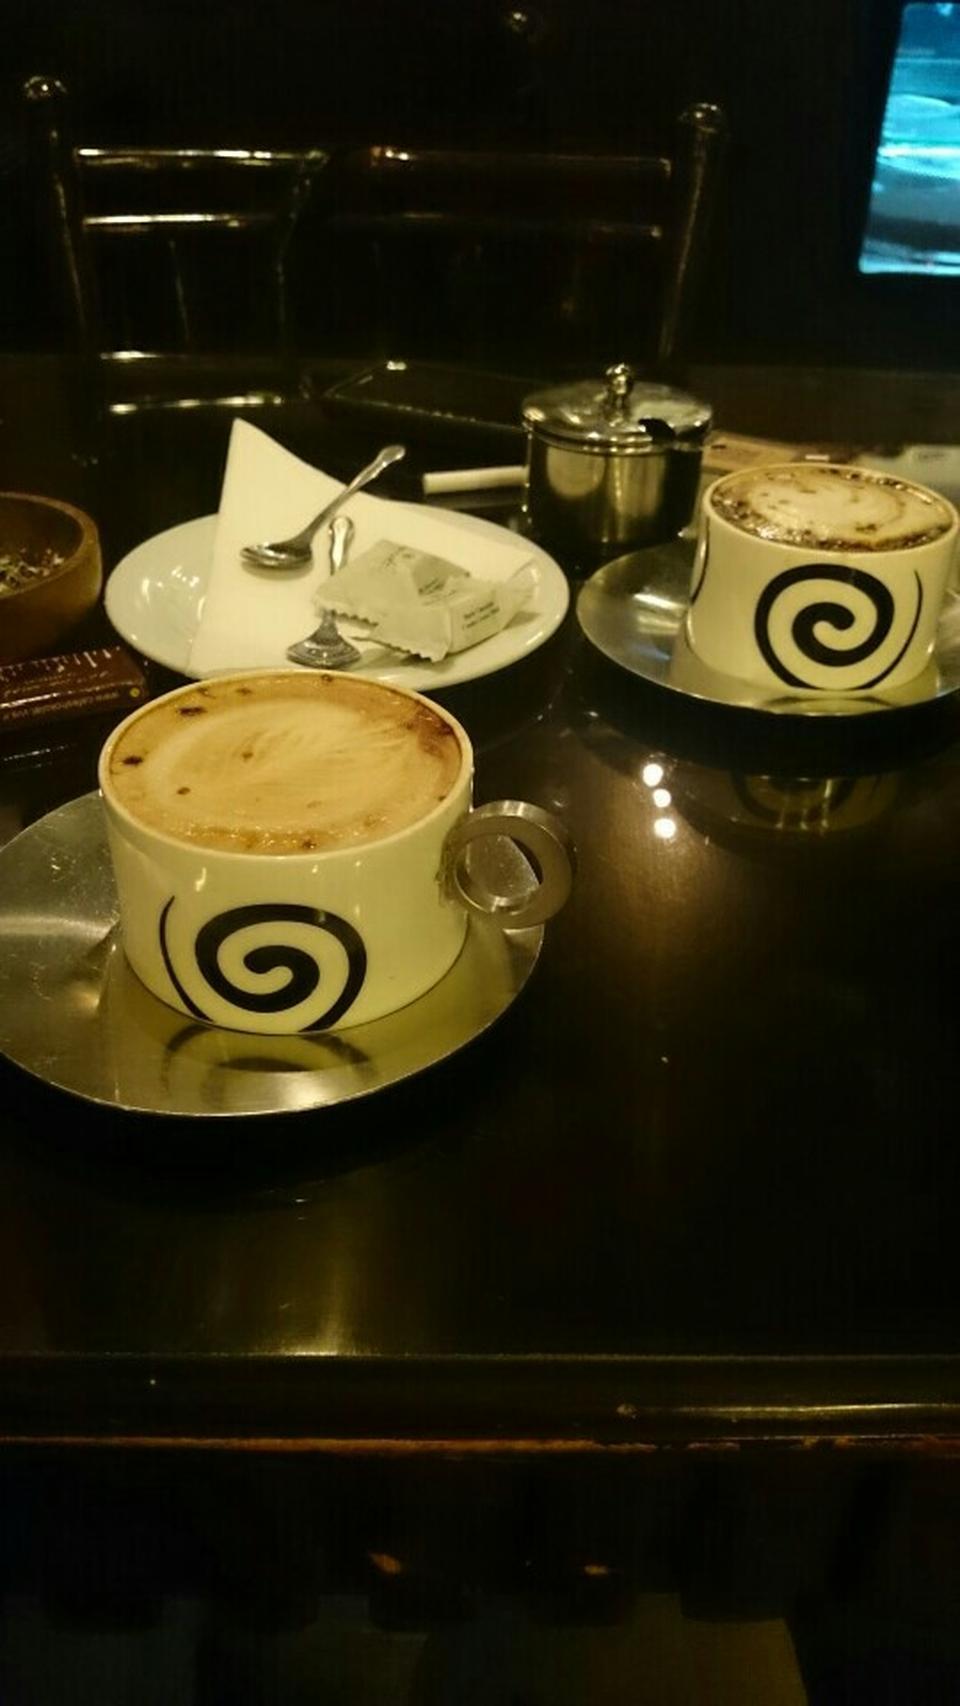 عکس پروفایل کافی شاپ کافه شکلات